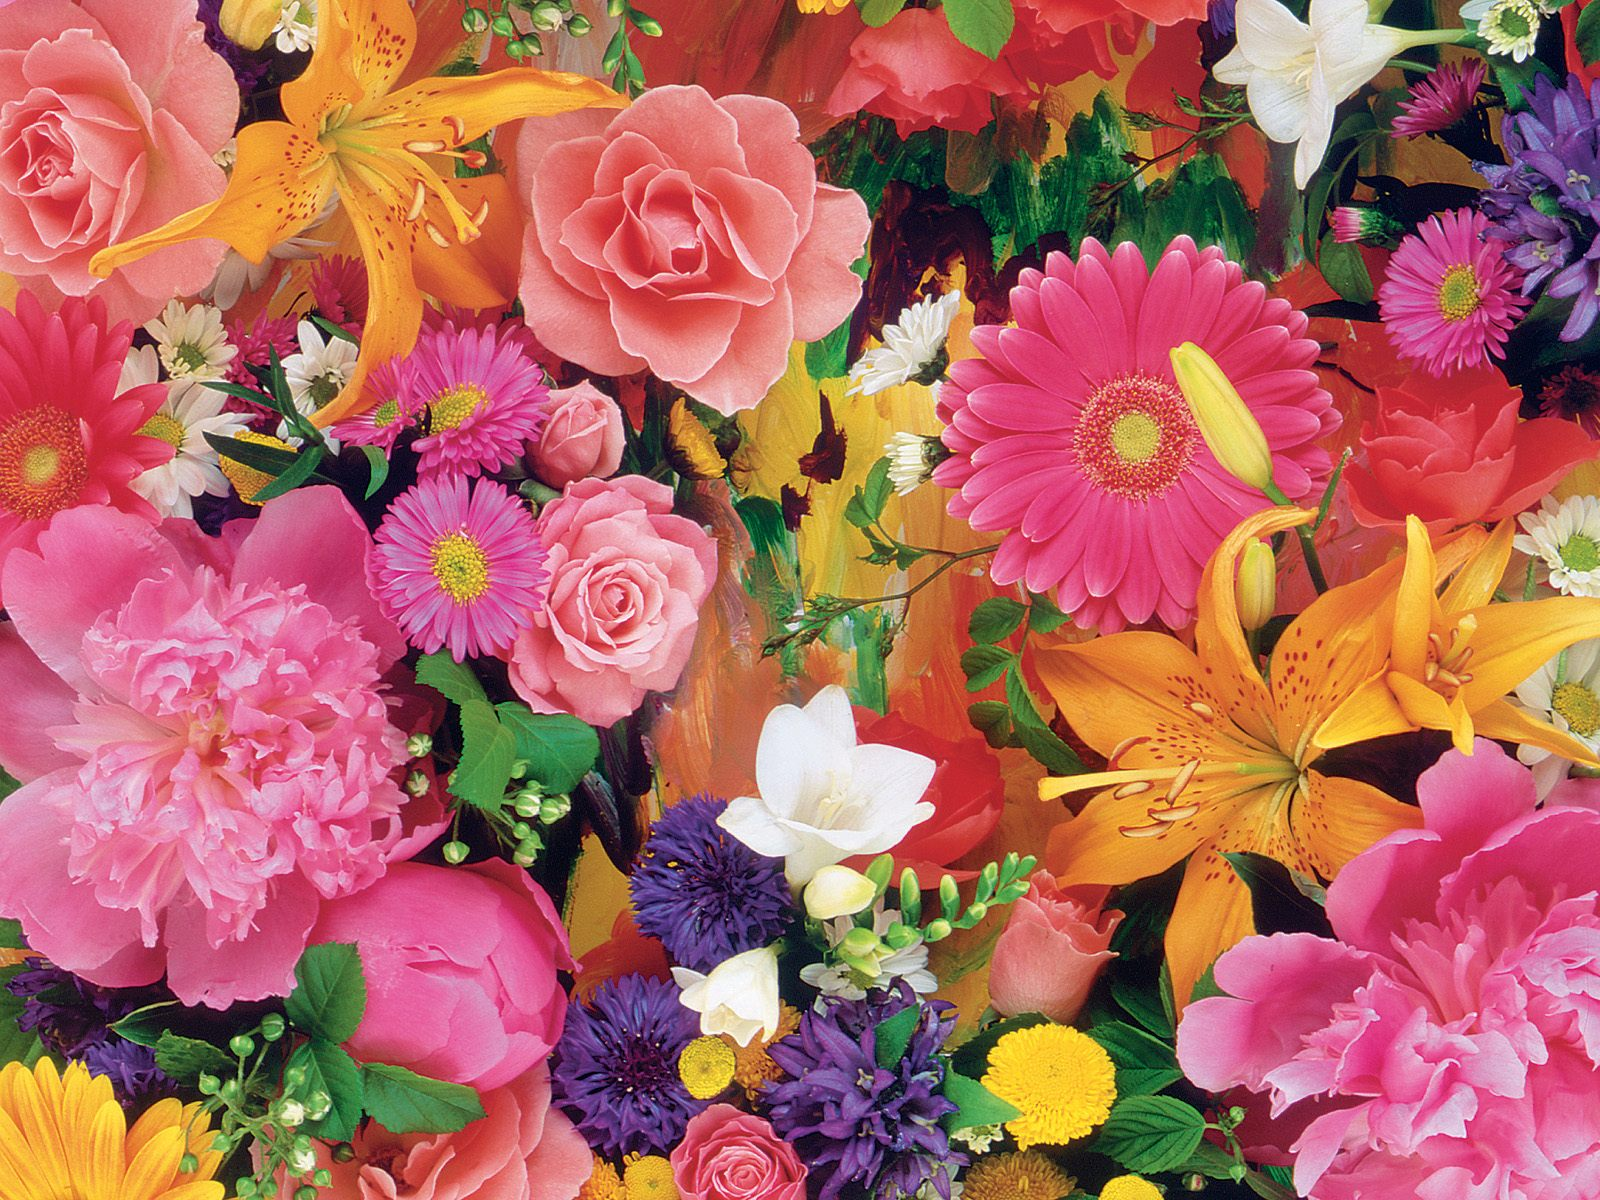 صور ورود جميلة اجمل صور الورد والازهار بجودة HD (44)